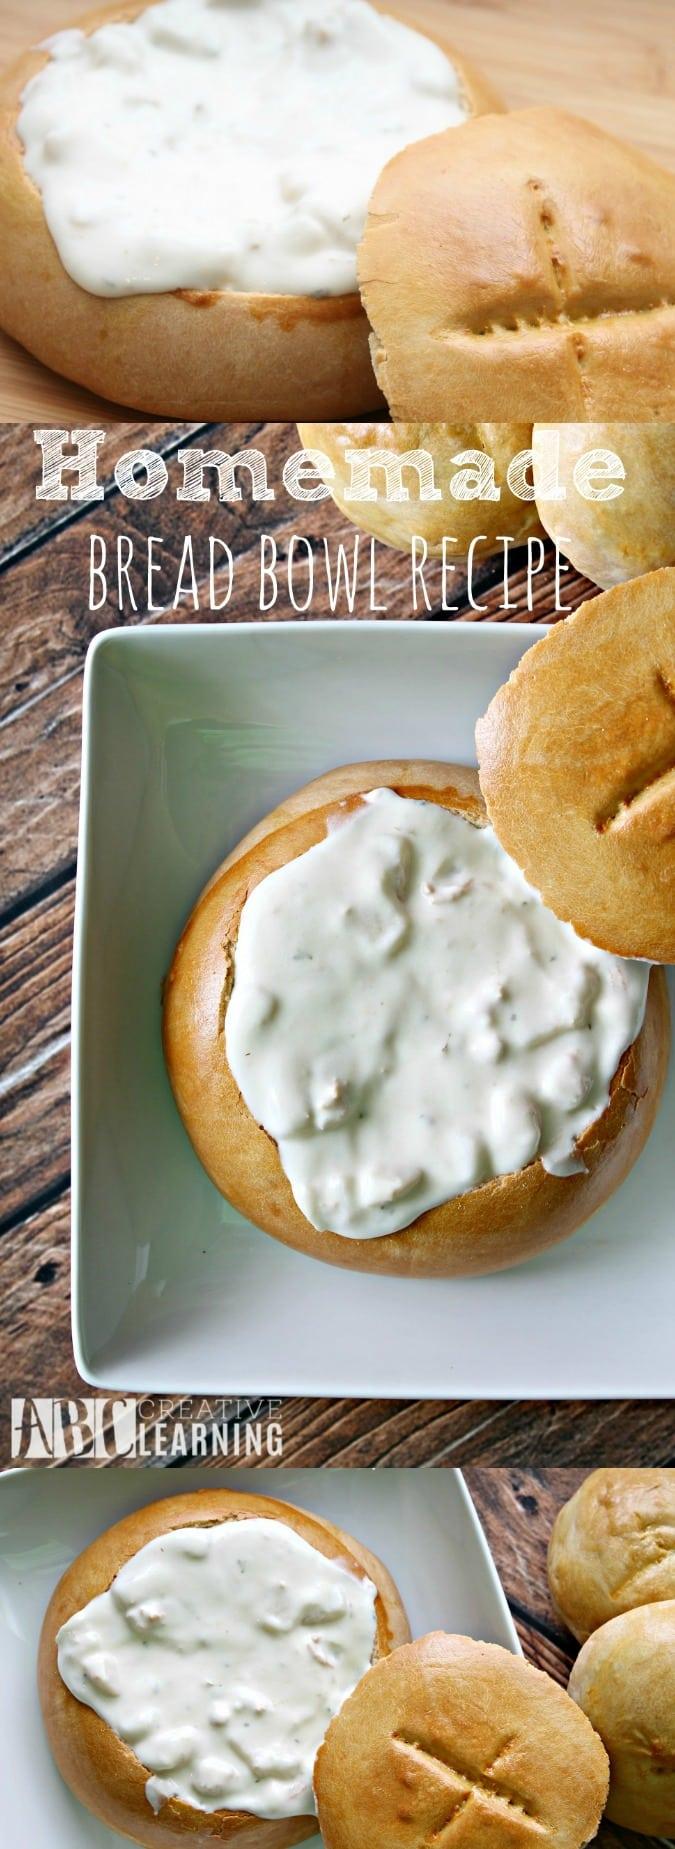 Homemade Bread Bowl Recipe for Fall Soups - simplytodaylife.com